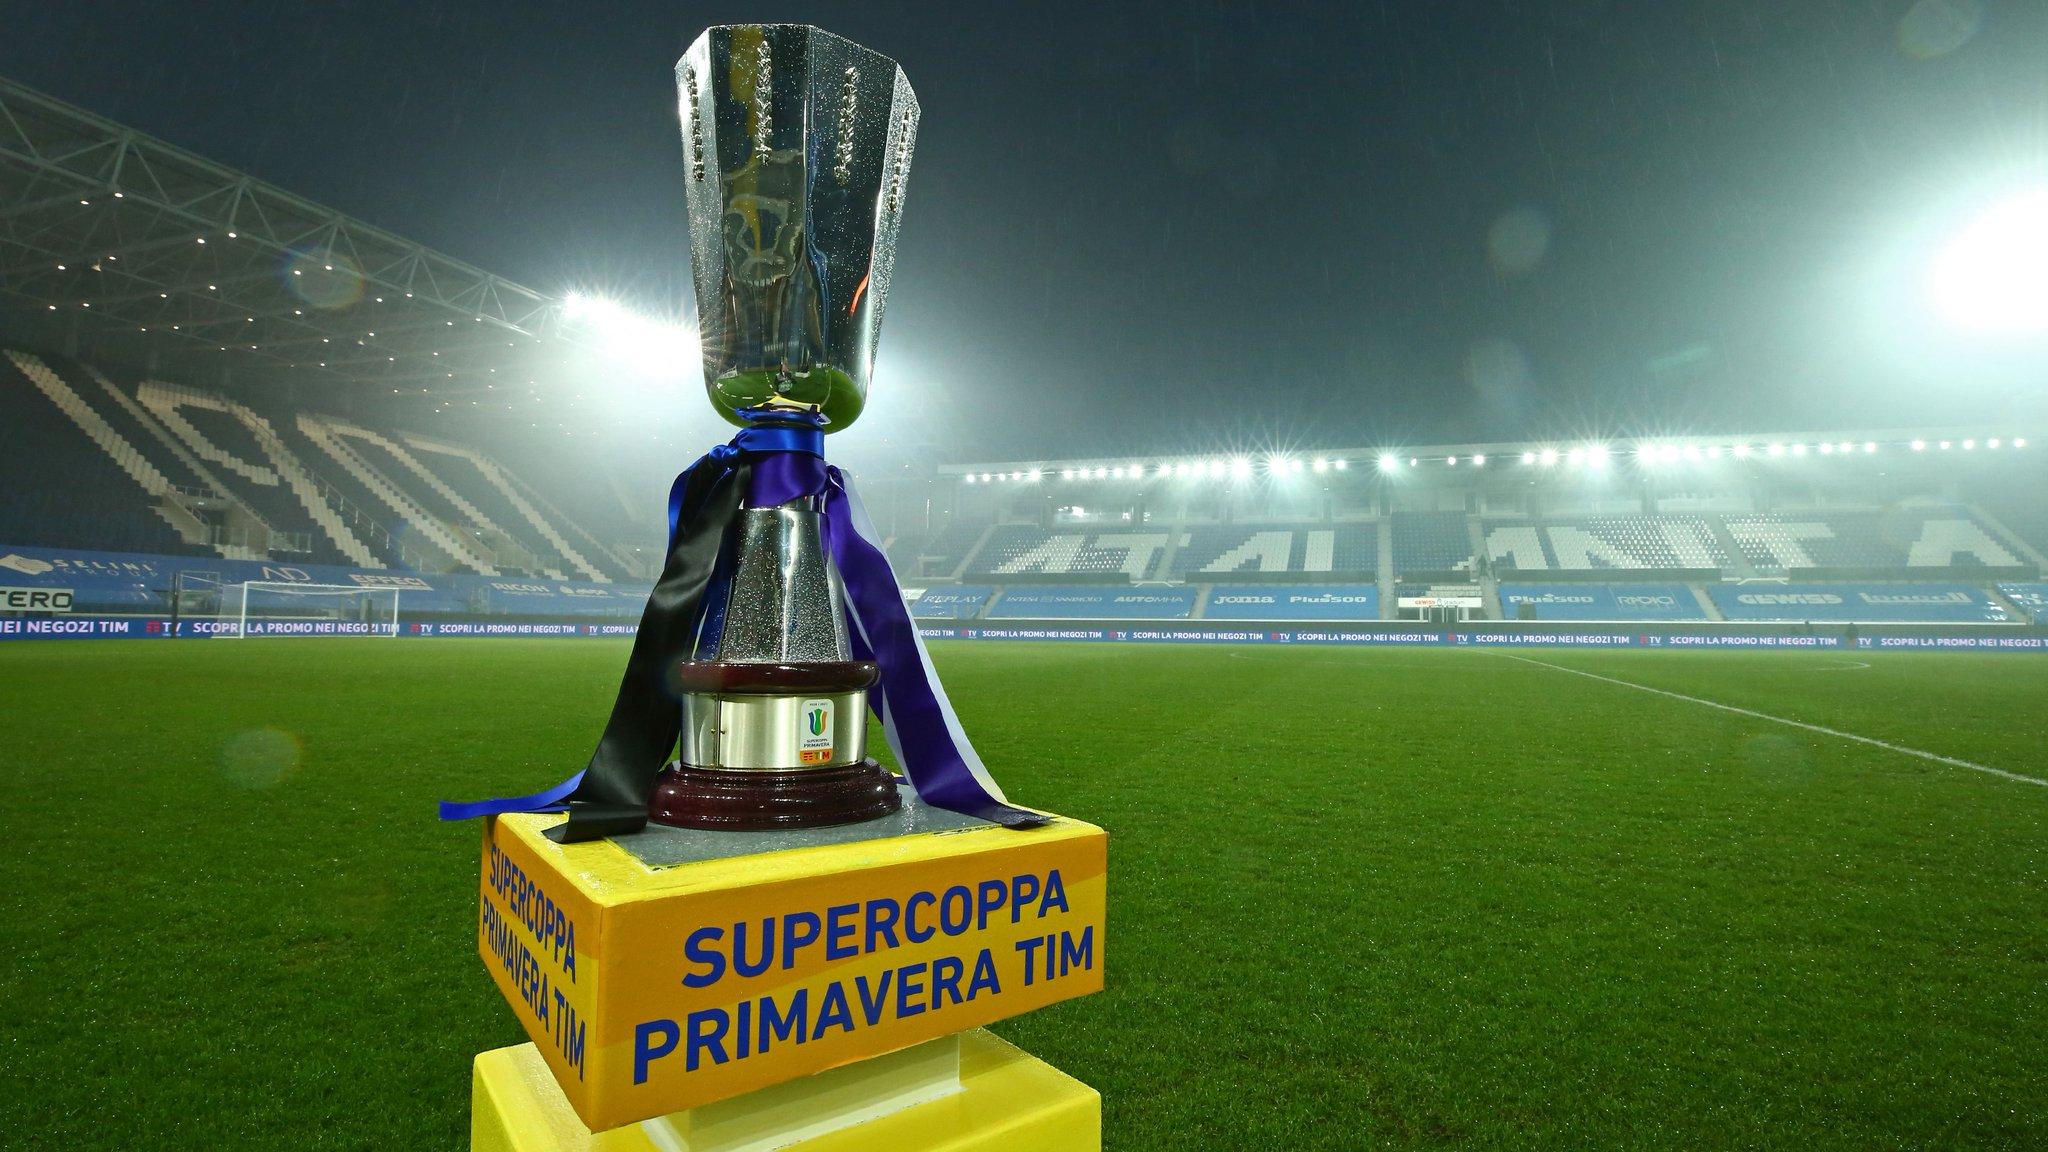 SuperCoppa Primavera - Atalanta vs Fiorentina in diretta Sportitalia